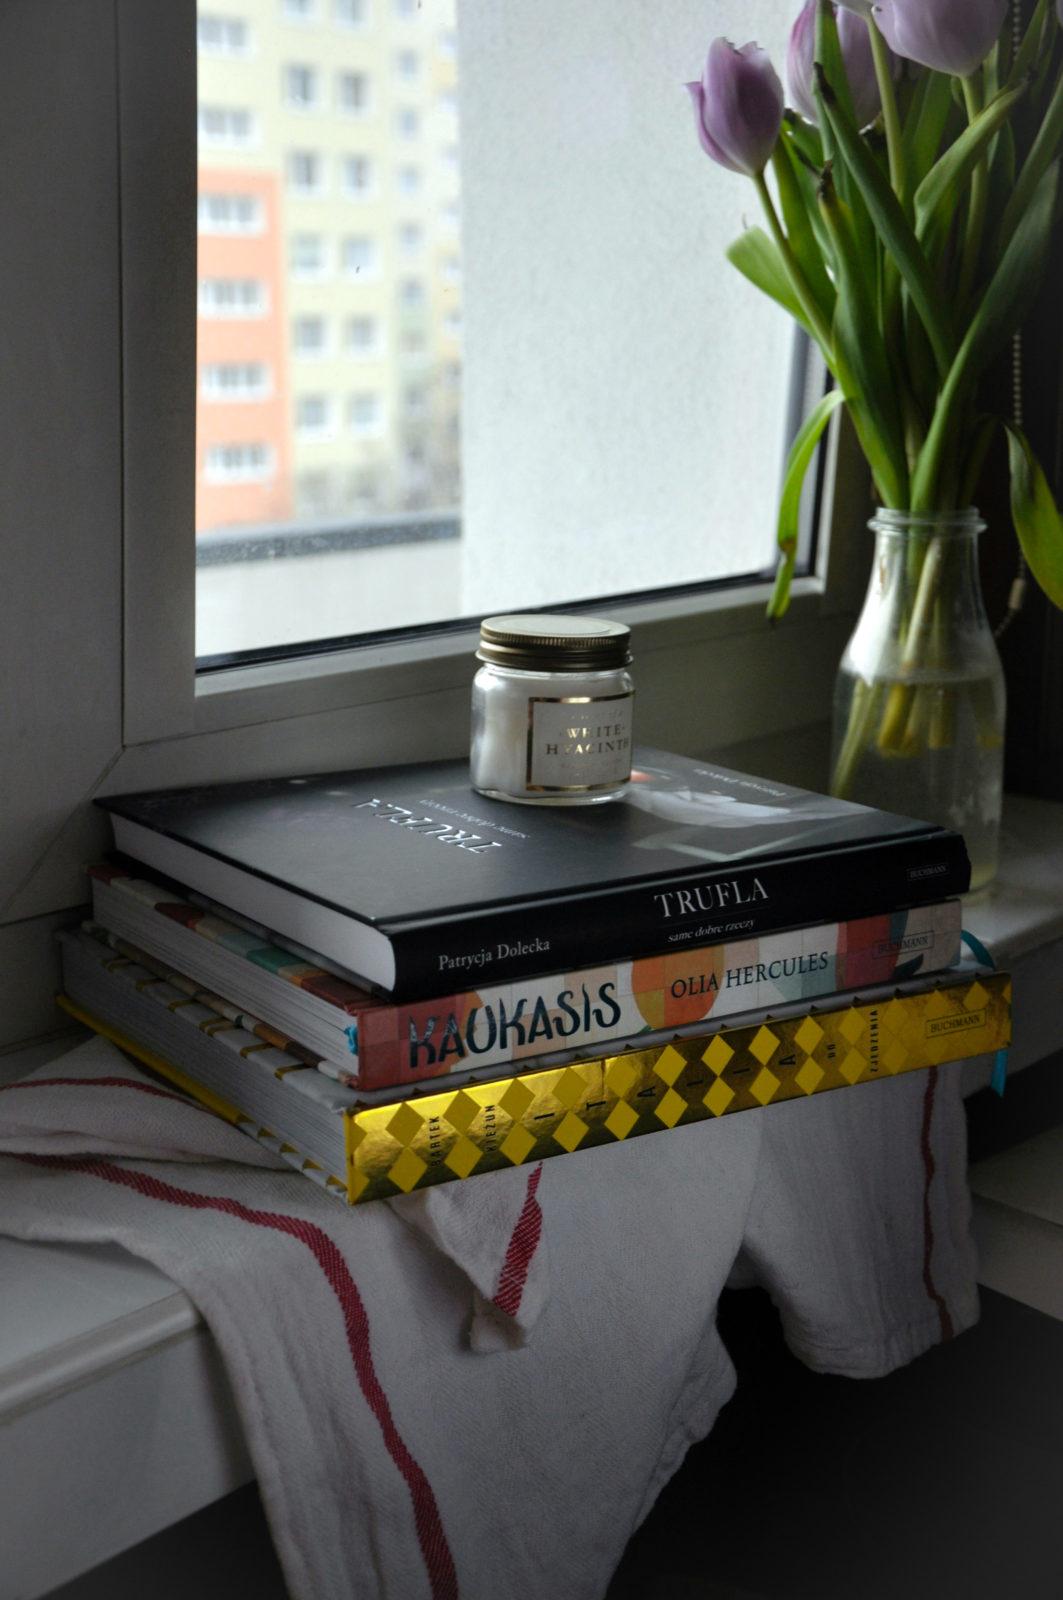 Nowości książkowe w mojej biblioteczce 2